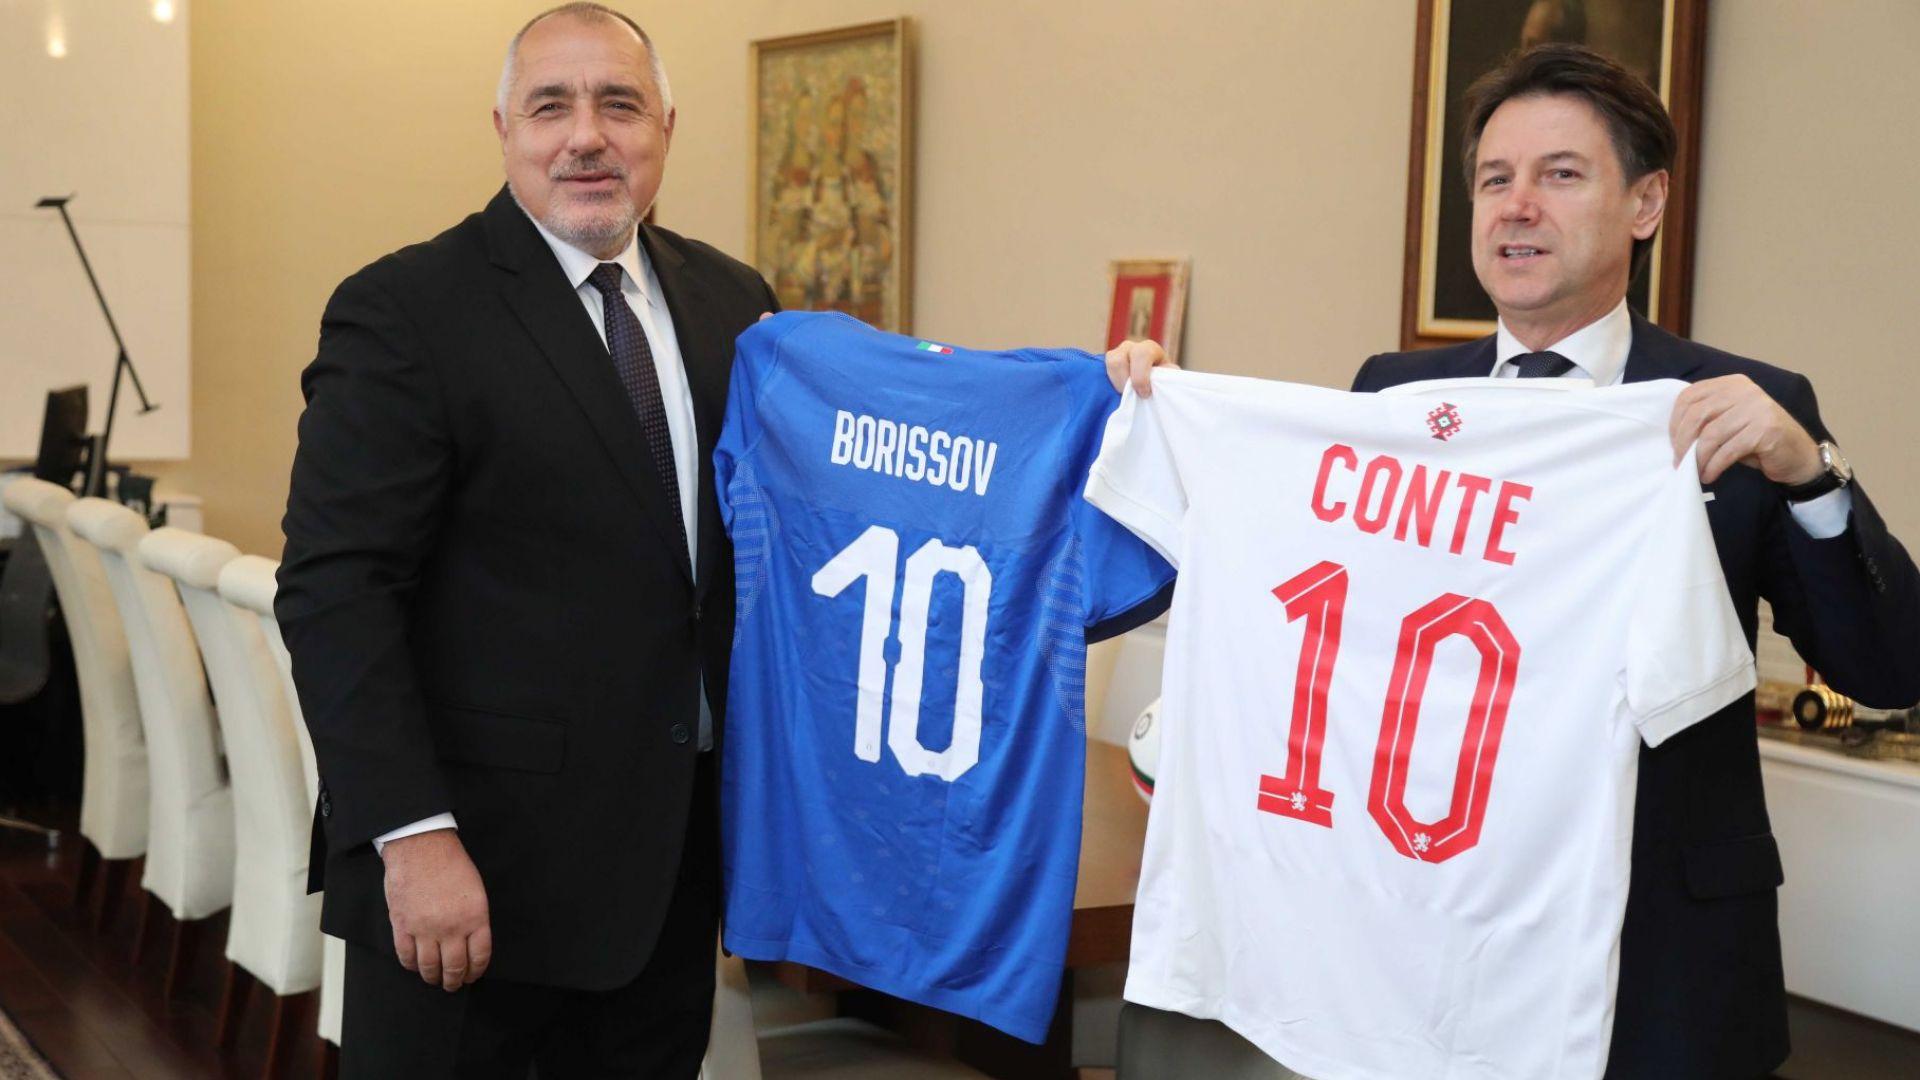 """Борисов и Конте се разбраха """"да смажат виновните"""" за боклука и си размениха футболни фланелки"""